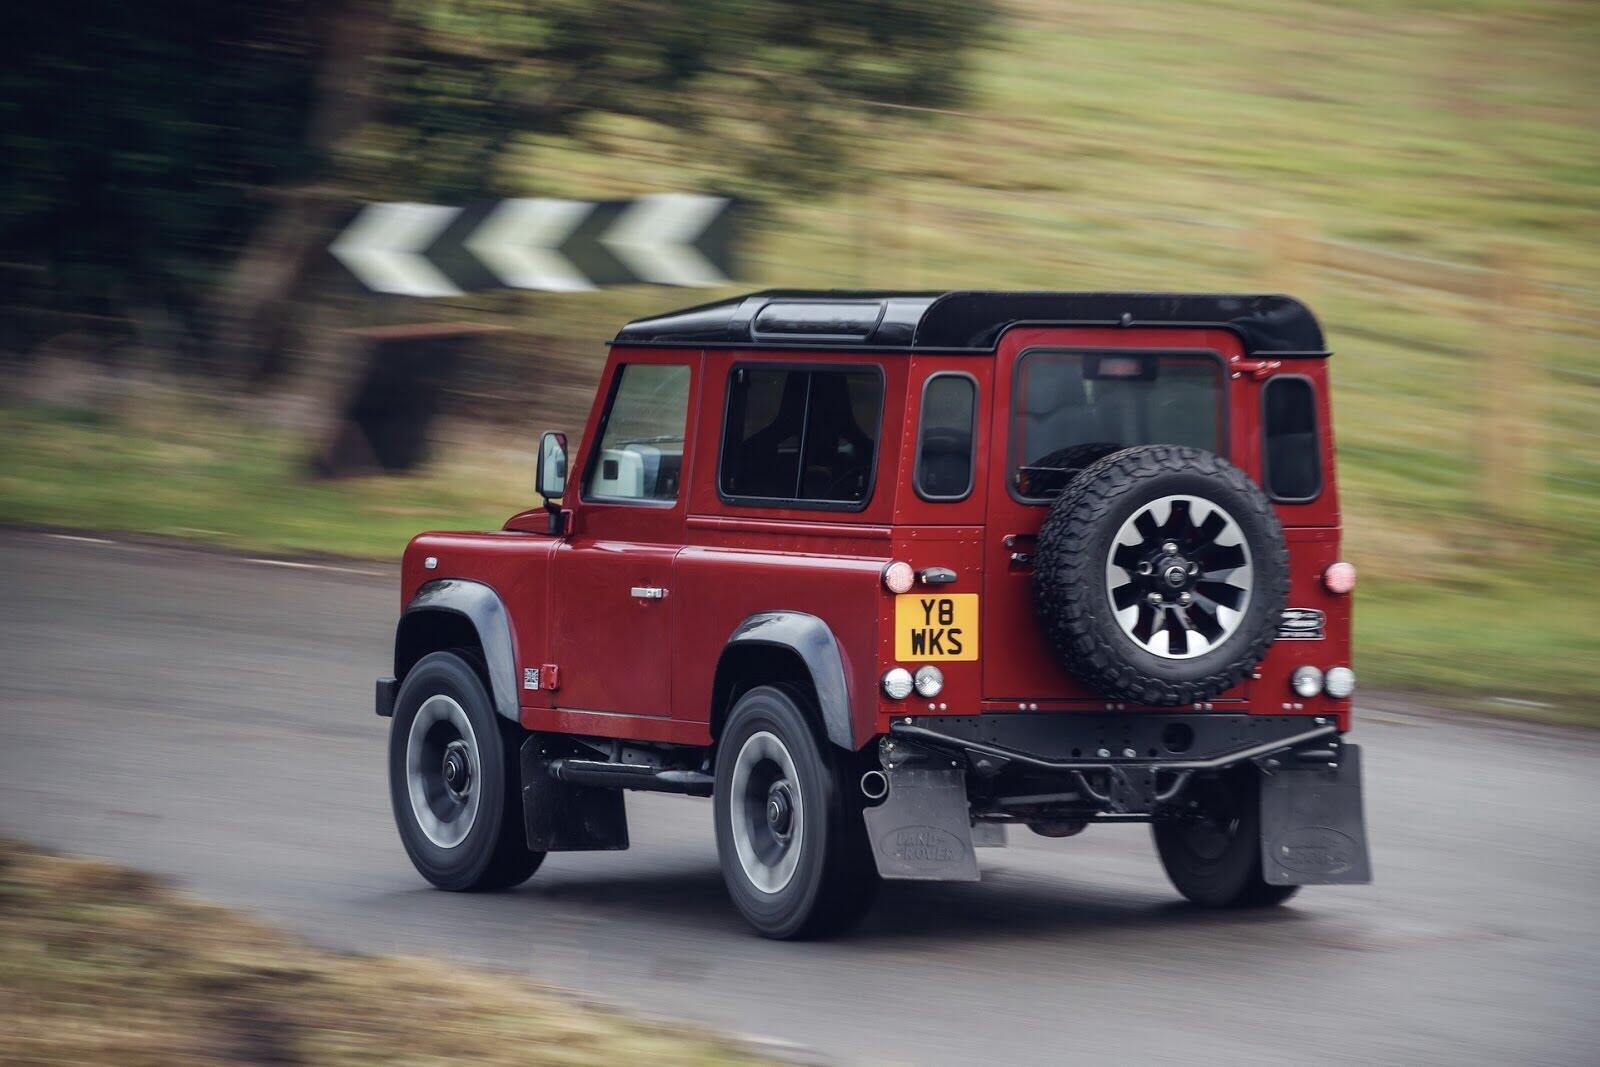 Land Rover Defender phiên bản kỷ niệm 70 năm ra mắt; chỉ 150 chiếc được sản xuất - Hình 3